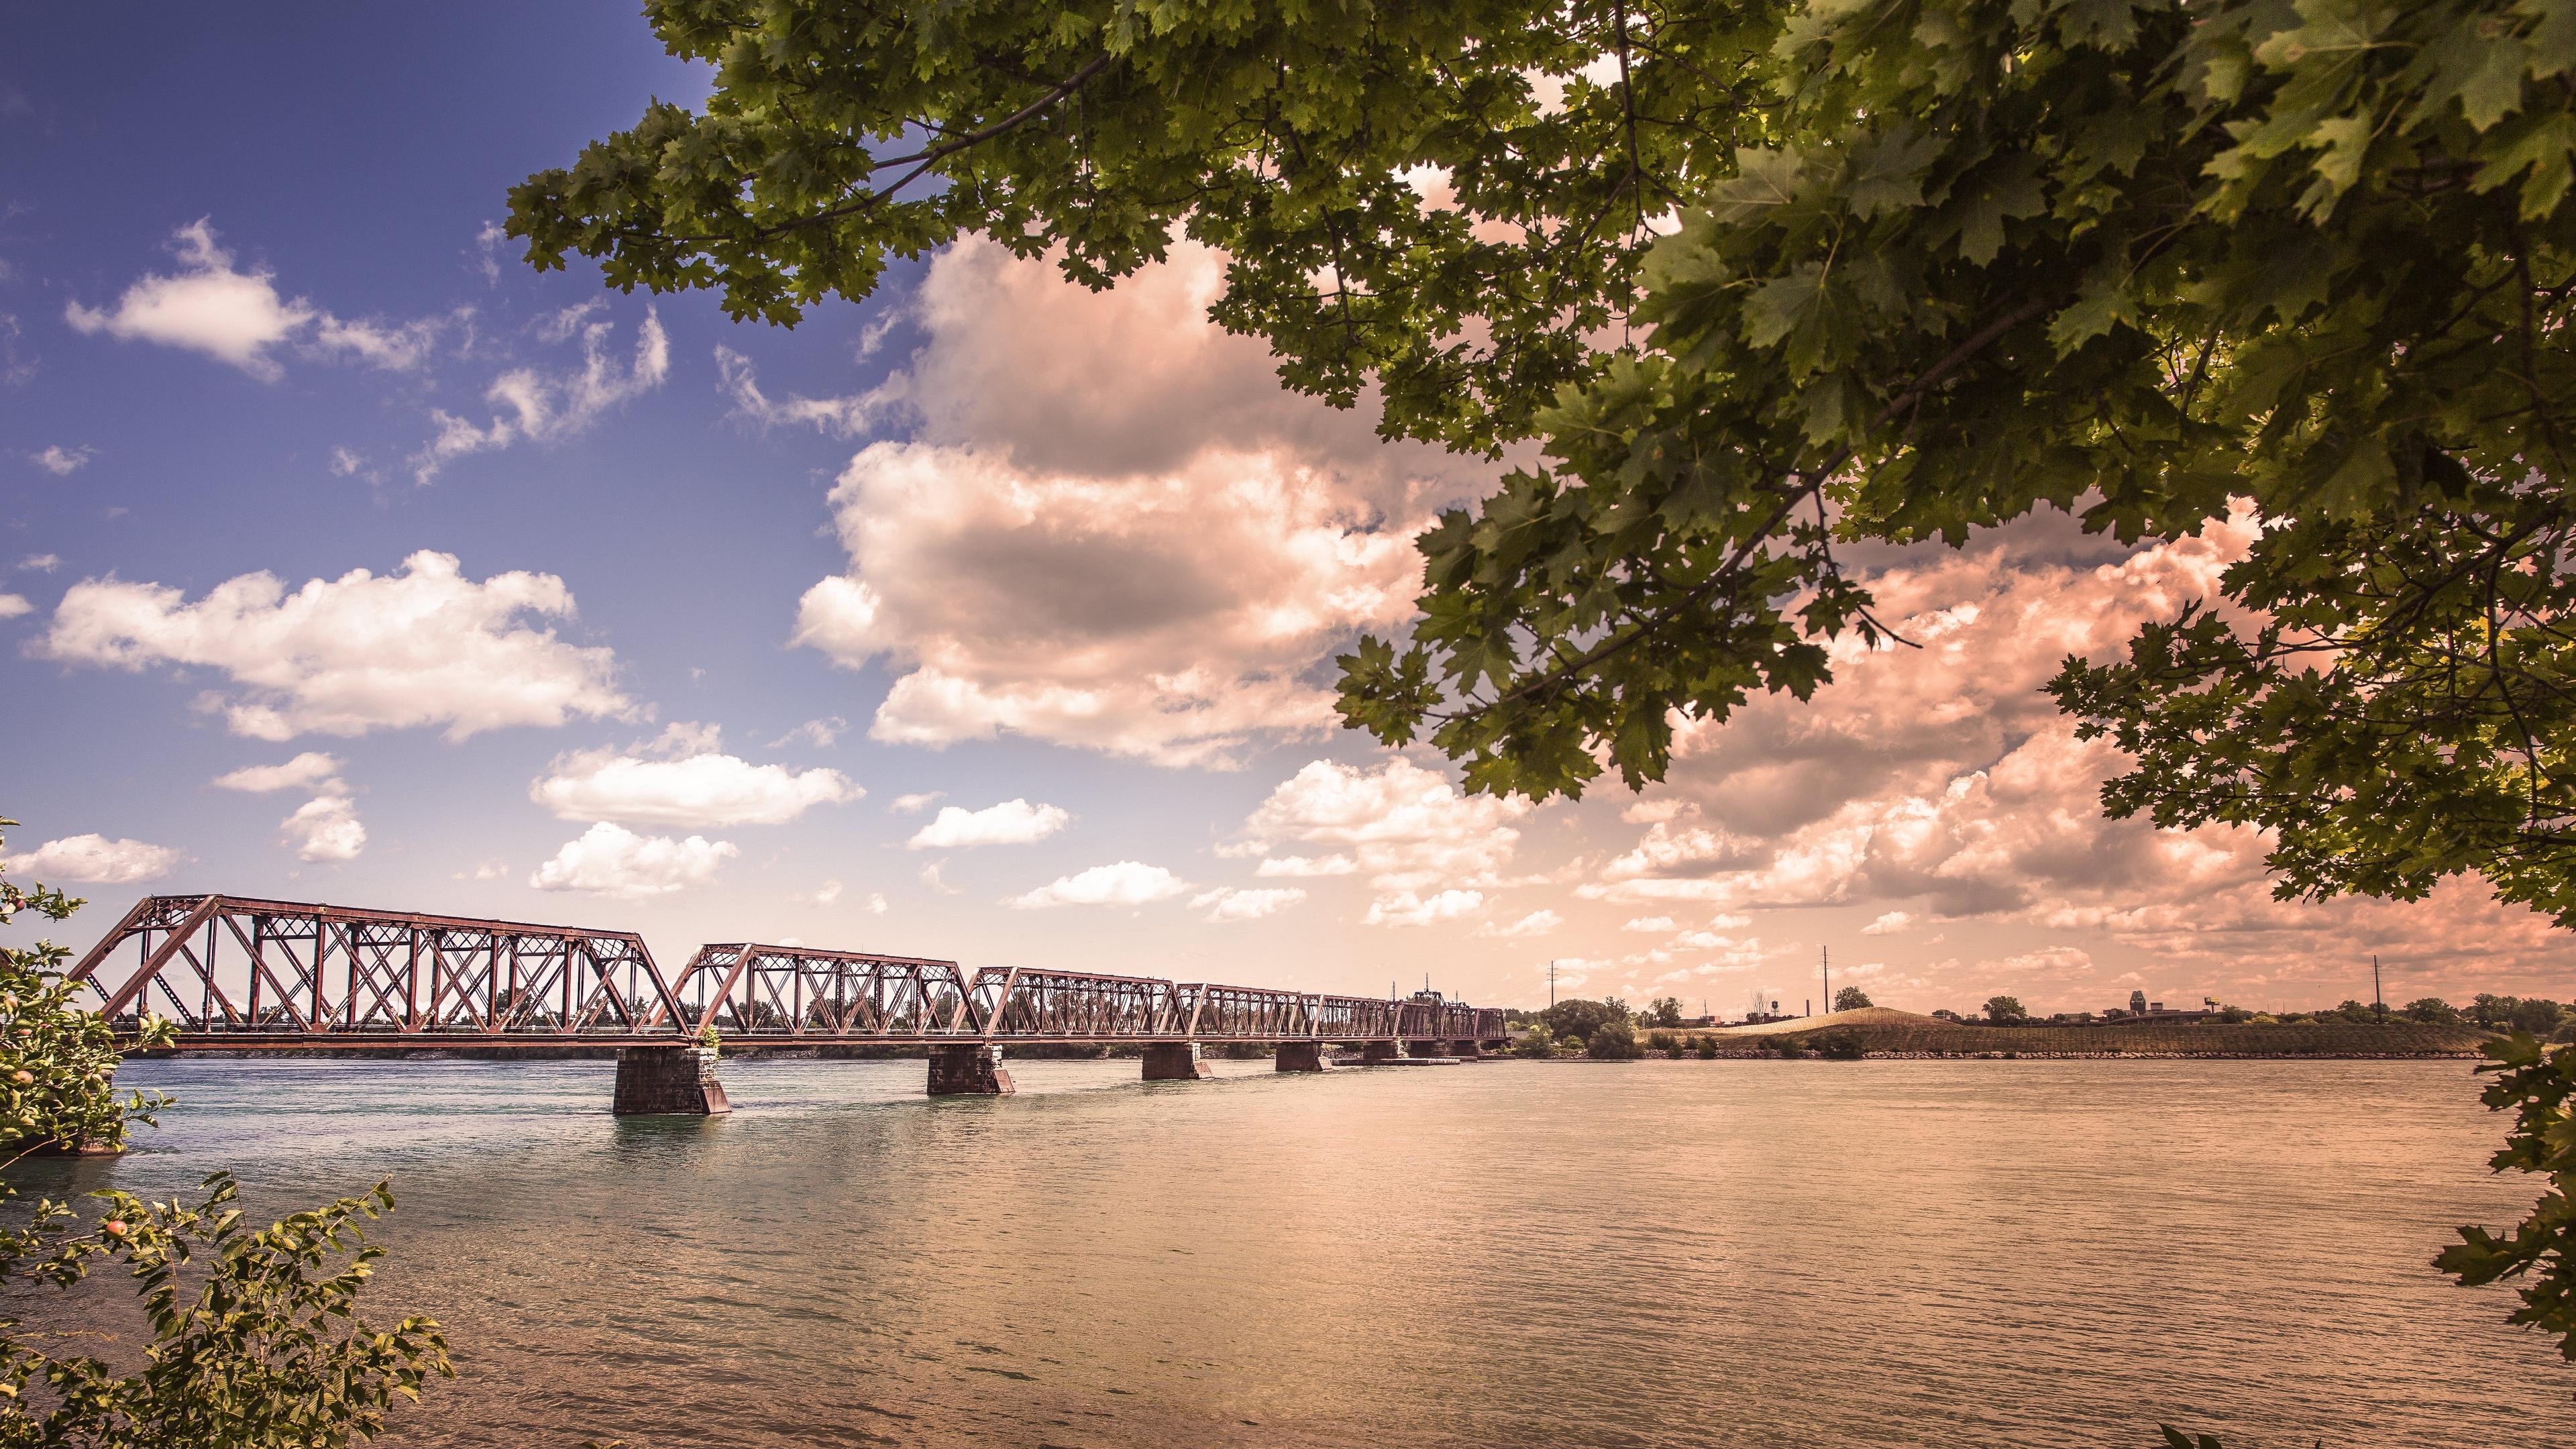 bridge river sky trees 4k 1541117536 - bridge, river, sky, trees 4k - Sky, River, bridge